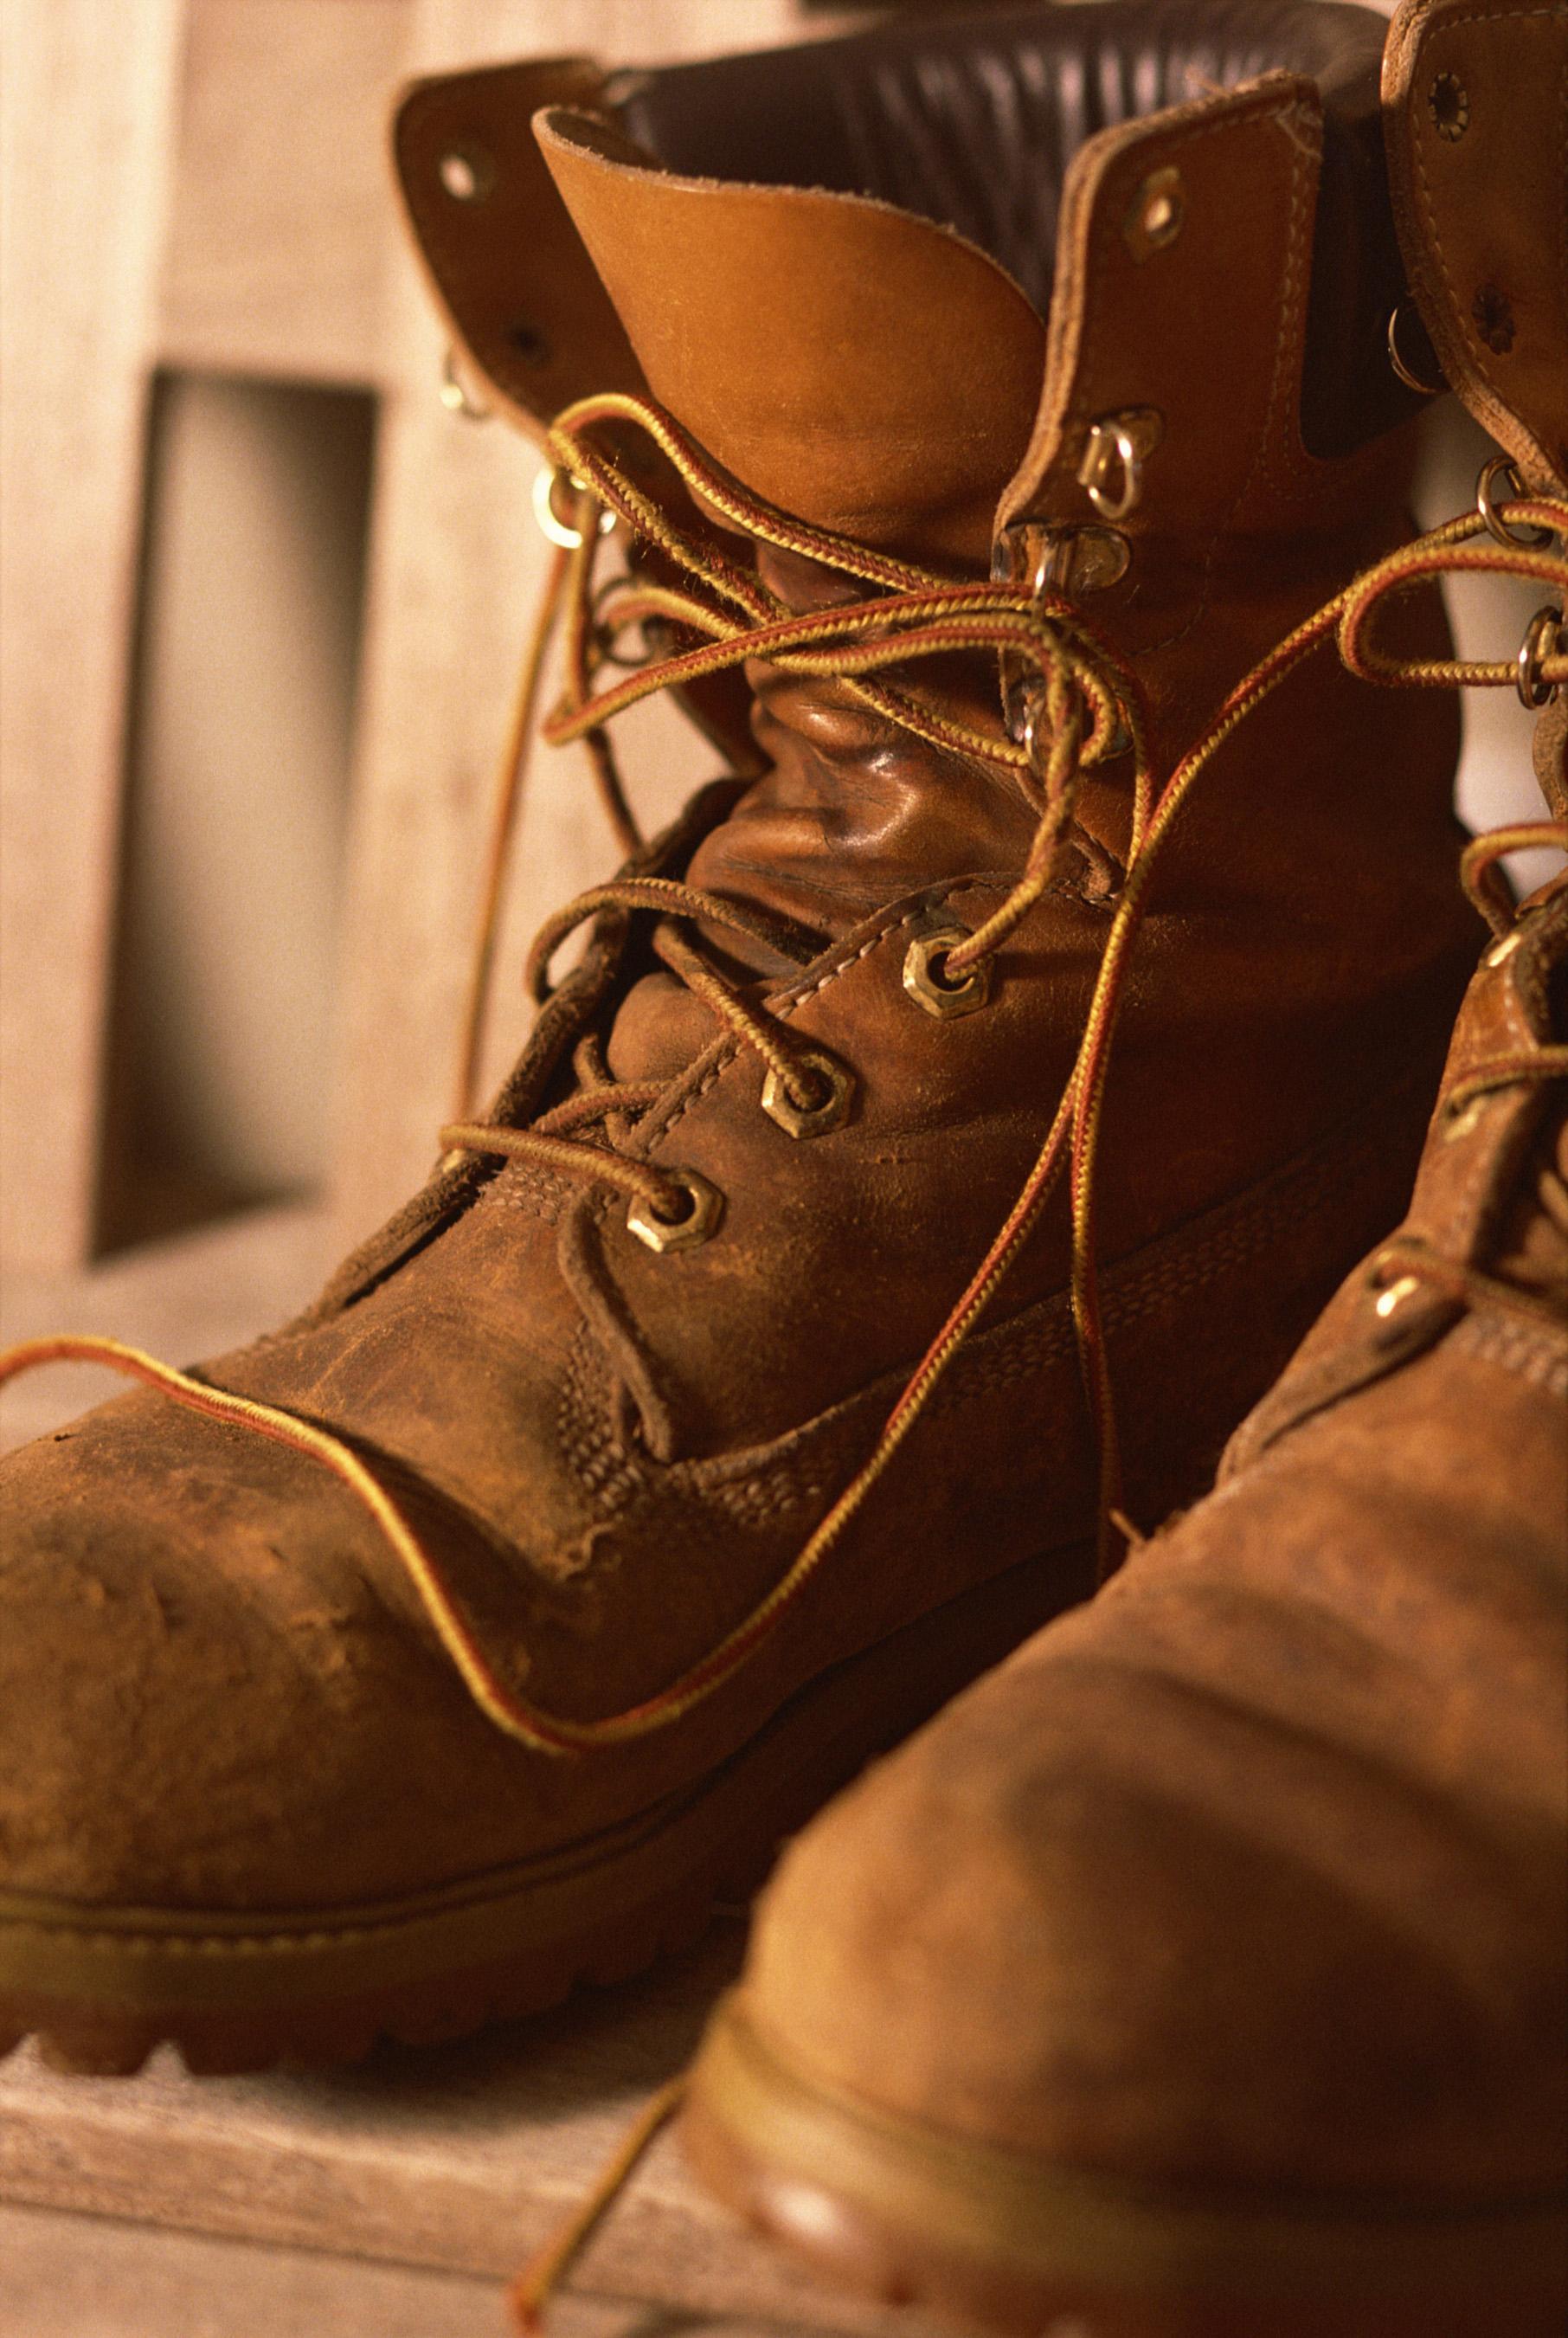 Estación de ferrocarril Malgastar medida  Cómo limpiar mis botas Timberland después de varios años de uso